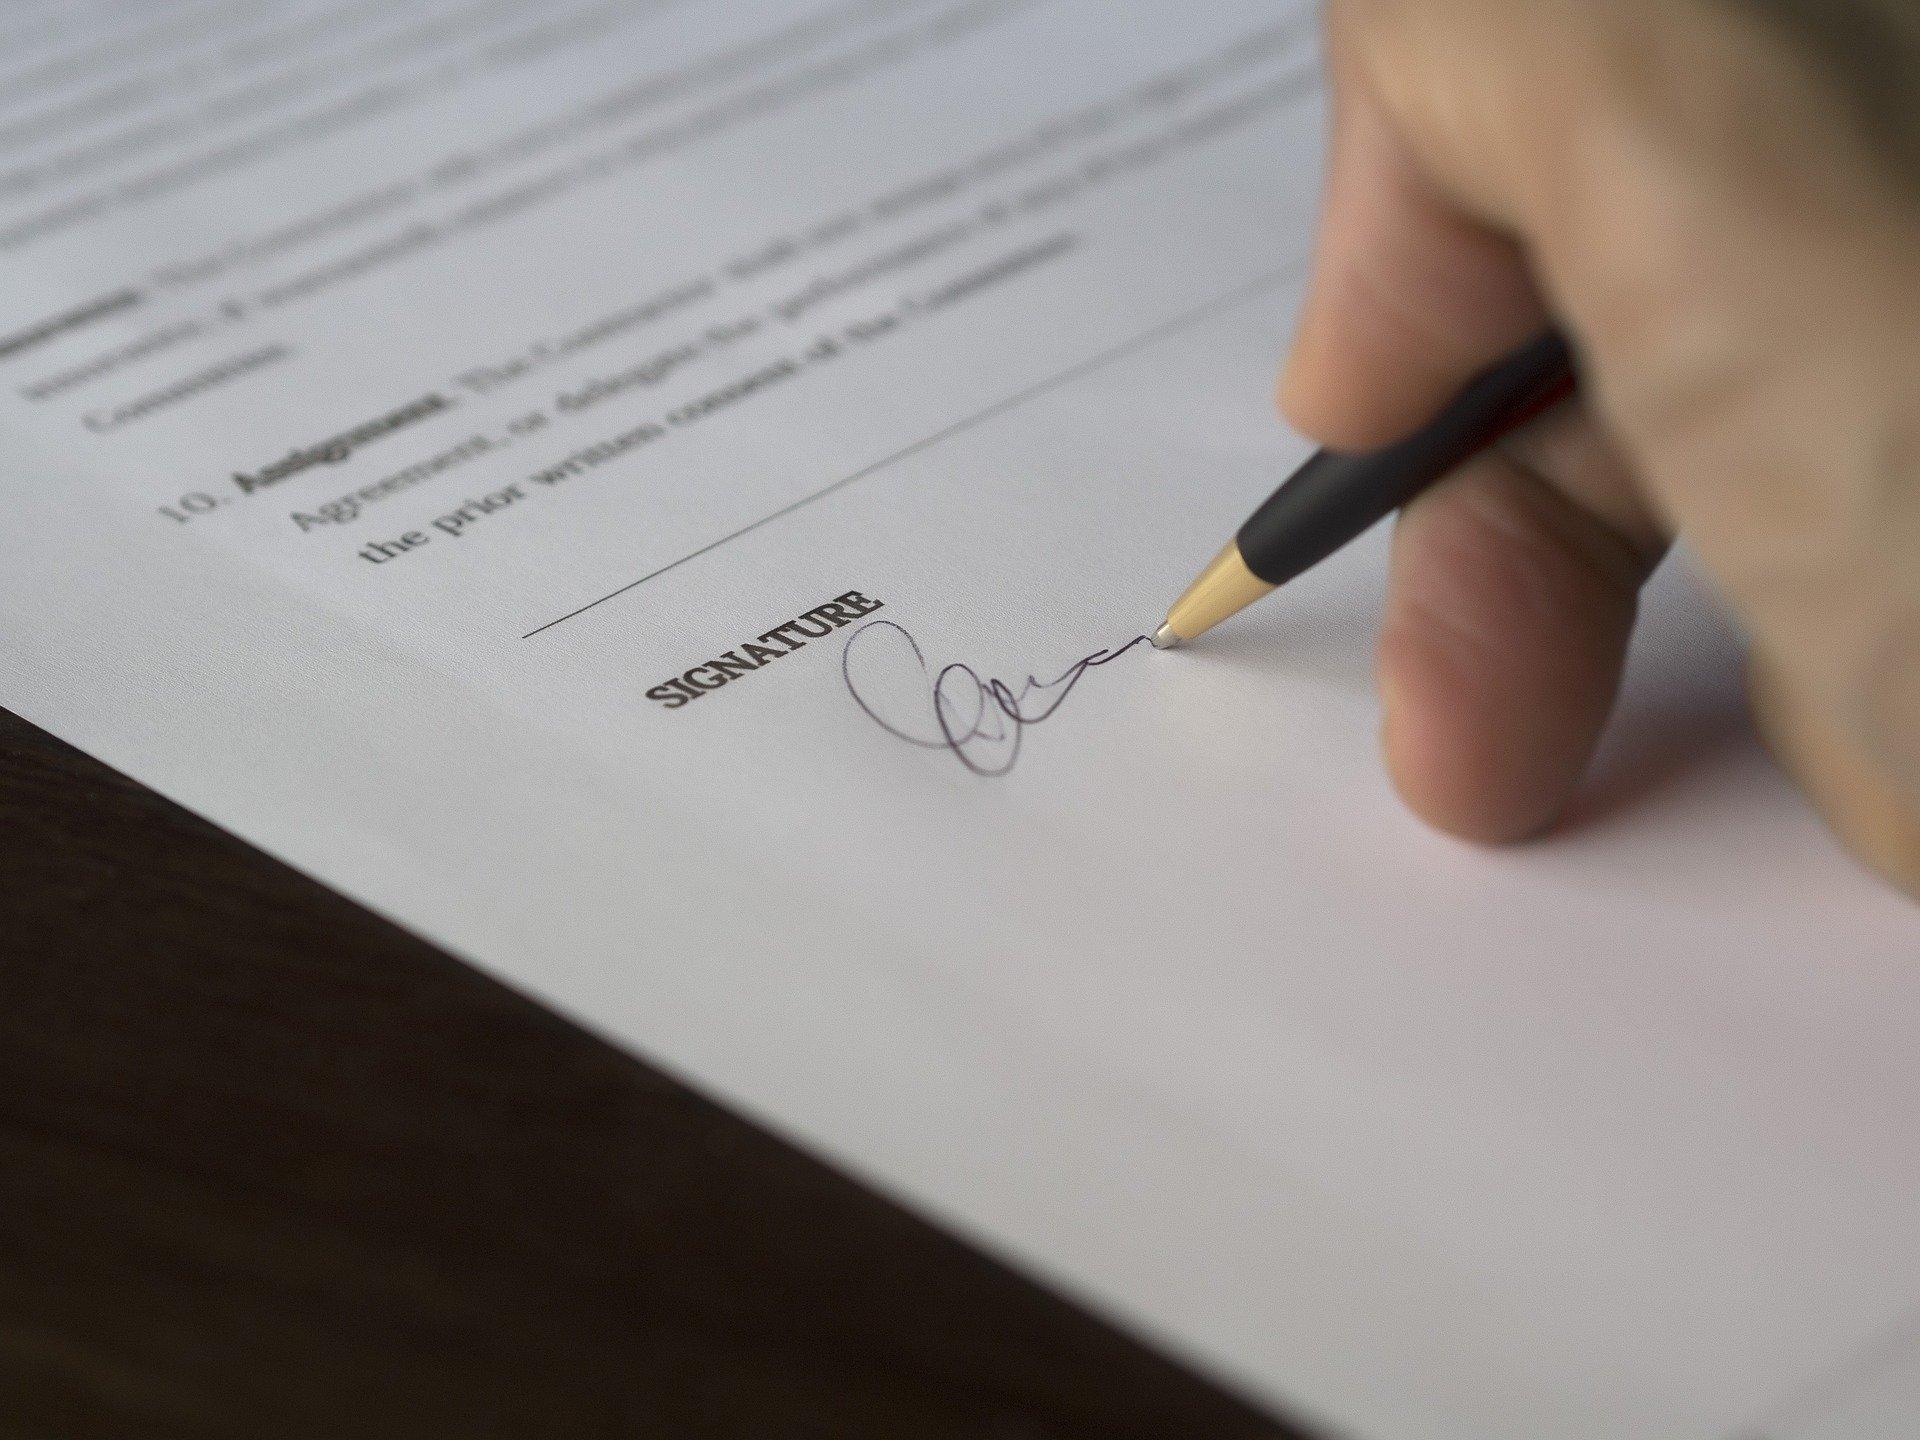 Underskrivning på papir